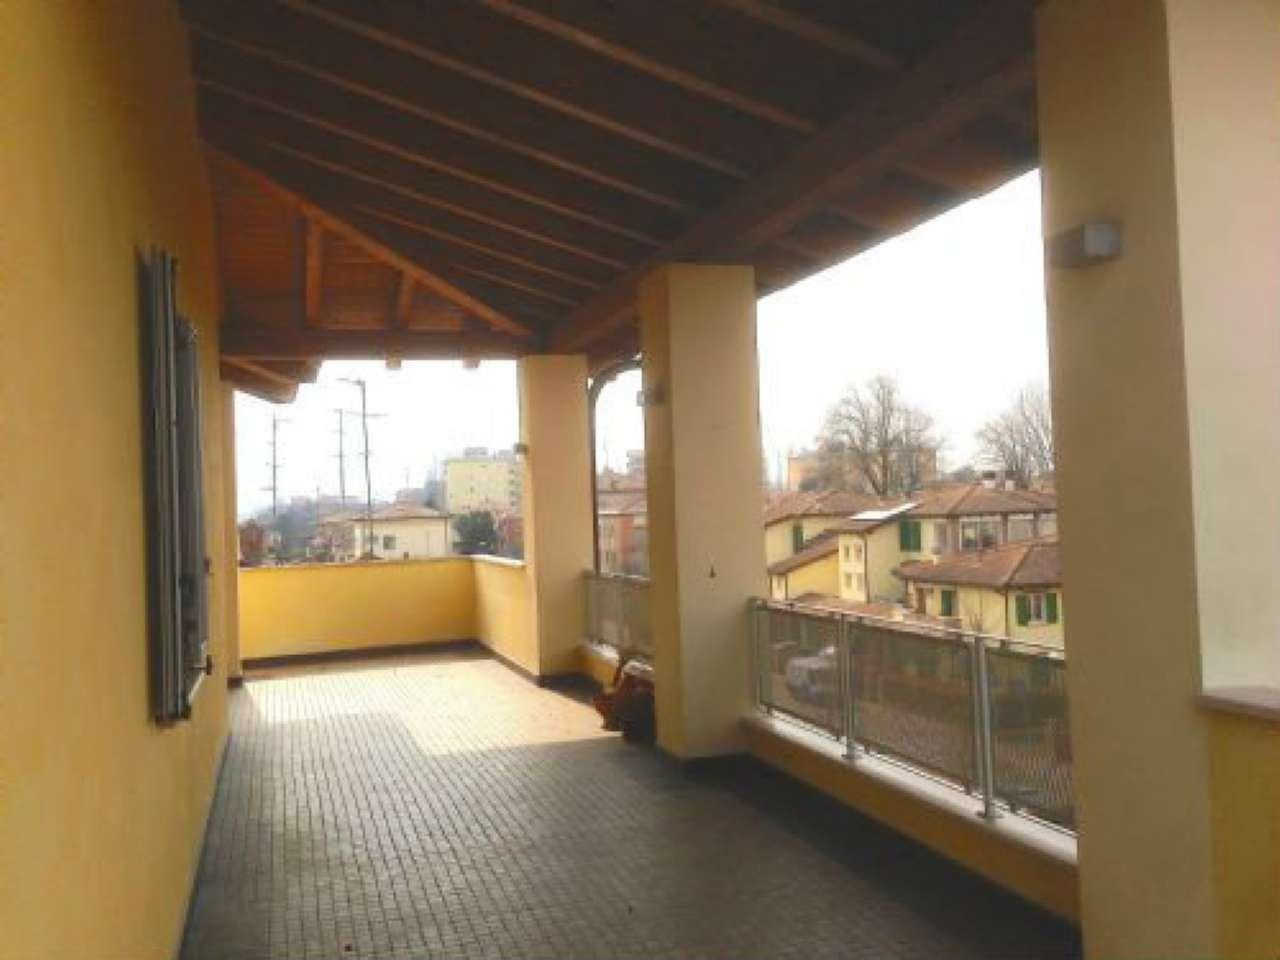 Attico / Mansarda in vendita a Carpi, 5 locali, prezzo € 375.000 | CambioCasa.it